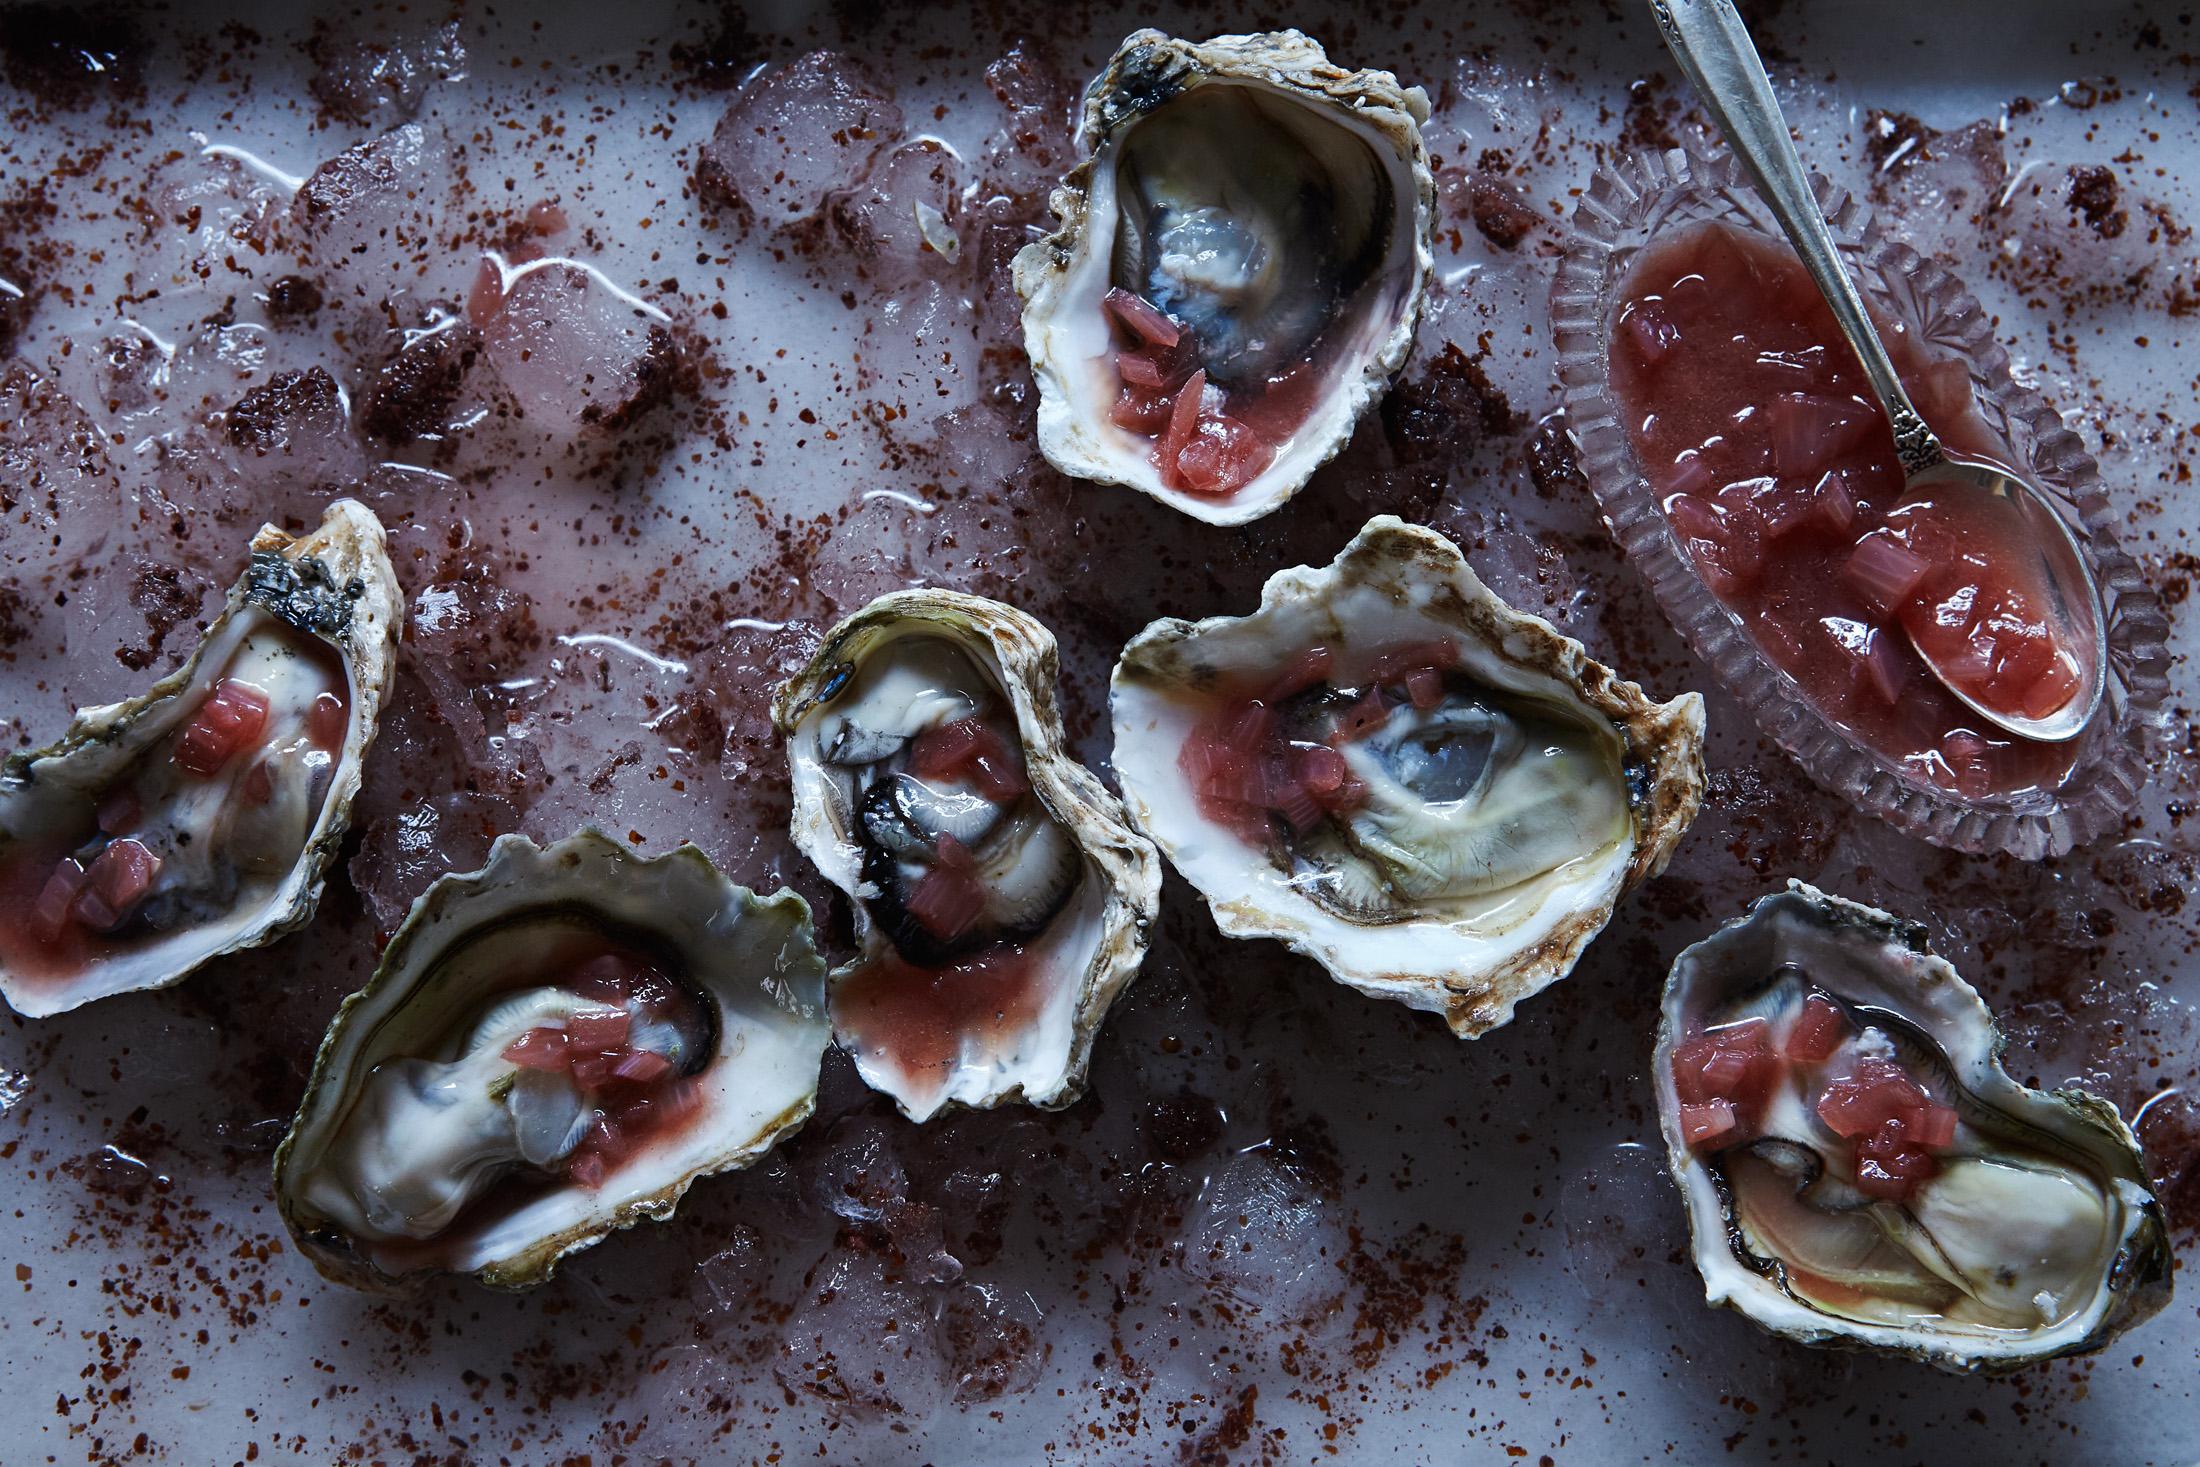 Oysters_0275_Crop.jpg